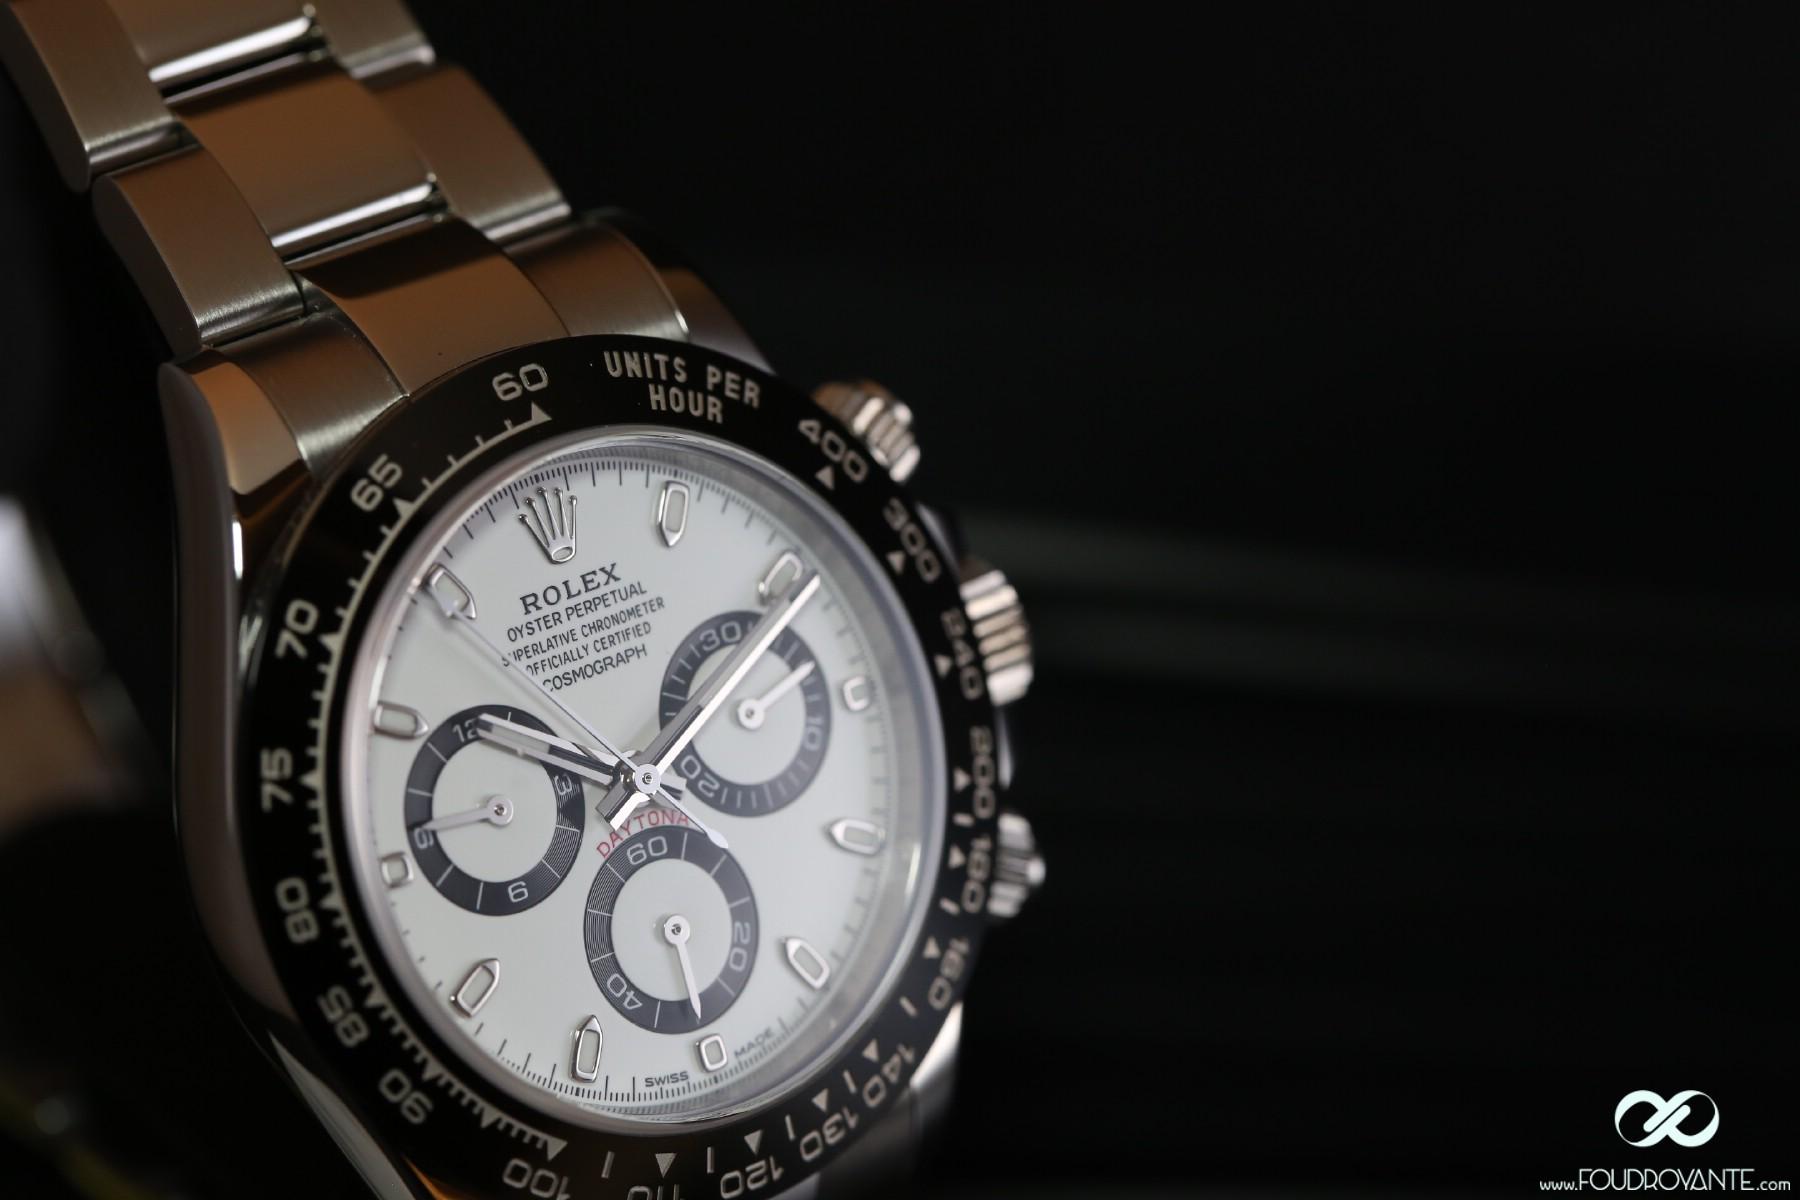 Rolex 116500 LN Daytona White Dial (13)